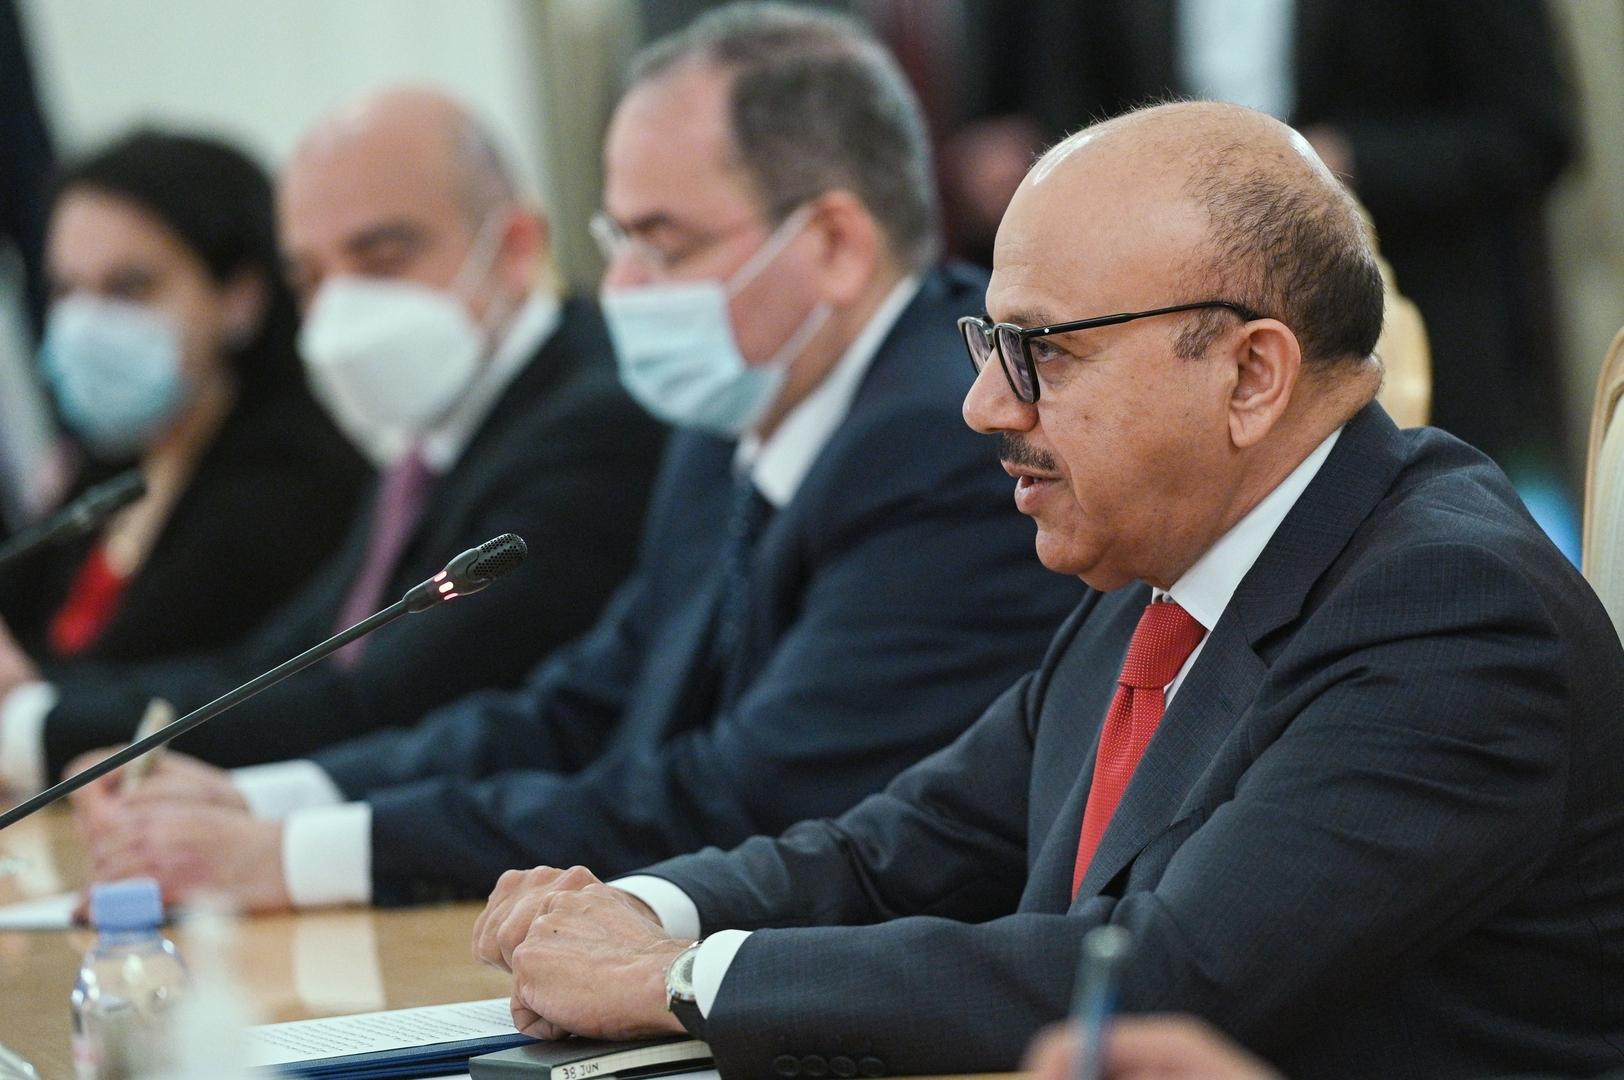 البحرين: اتفاقنا مع إسرائيل يخدم إحلال السلام الإقليمي وننتظر رد قطر على دعوتنا للتشاور